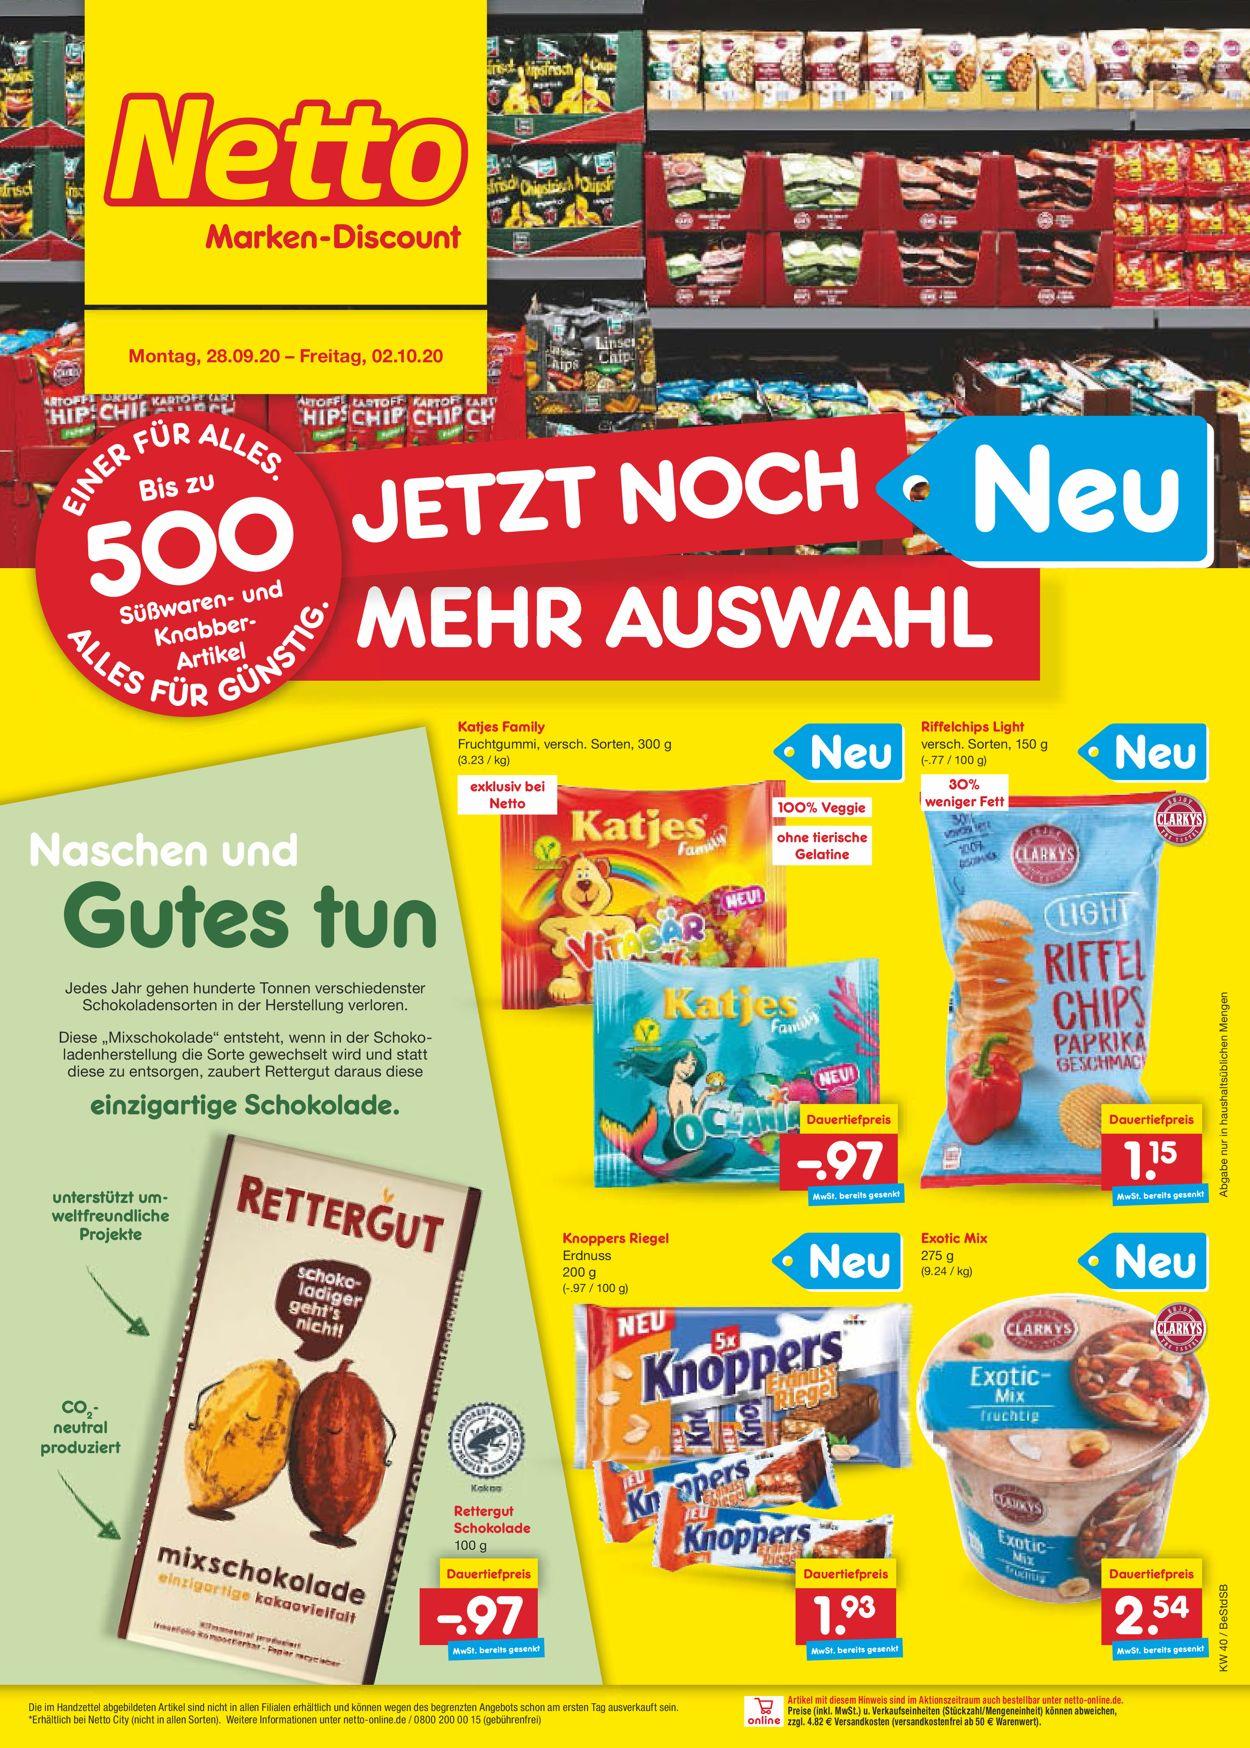 Netto Marken-Discount Prospekt - Aktuell vom 28.09-02.10.2020